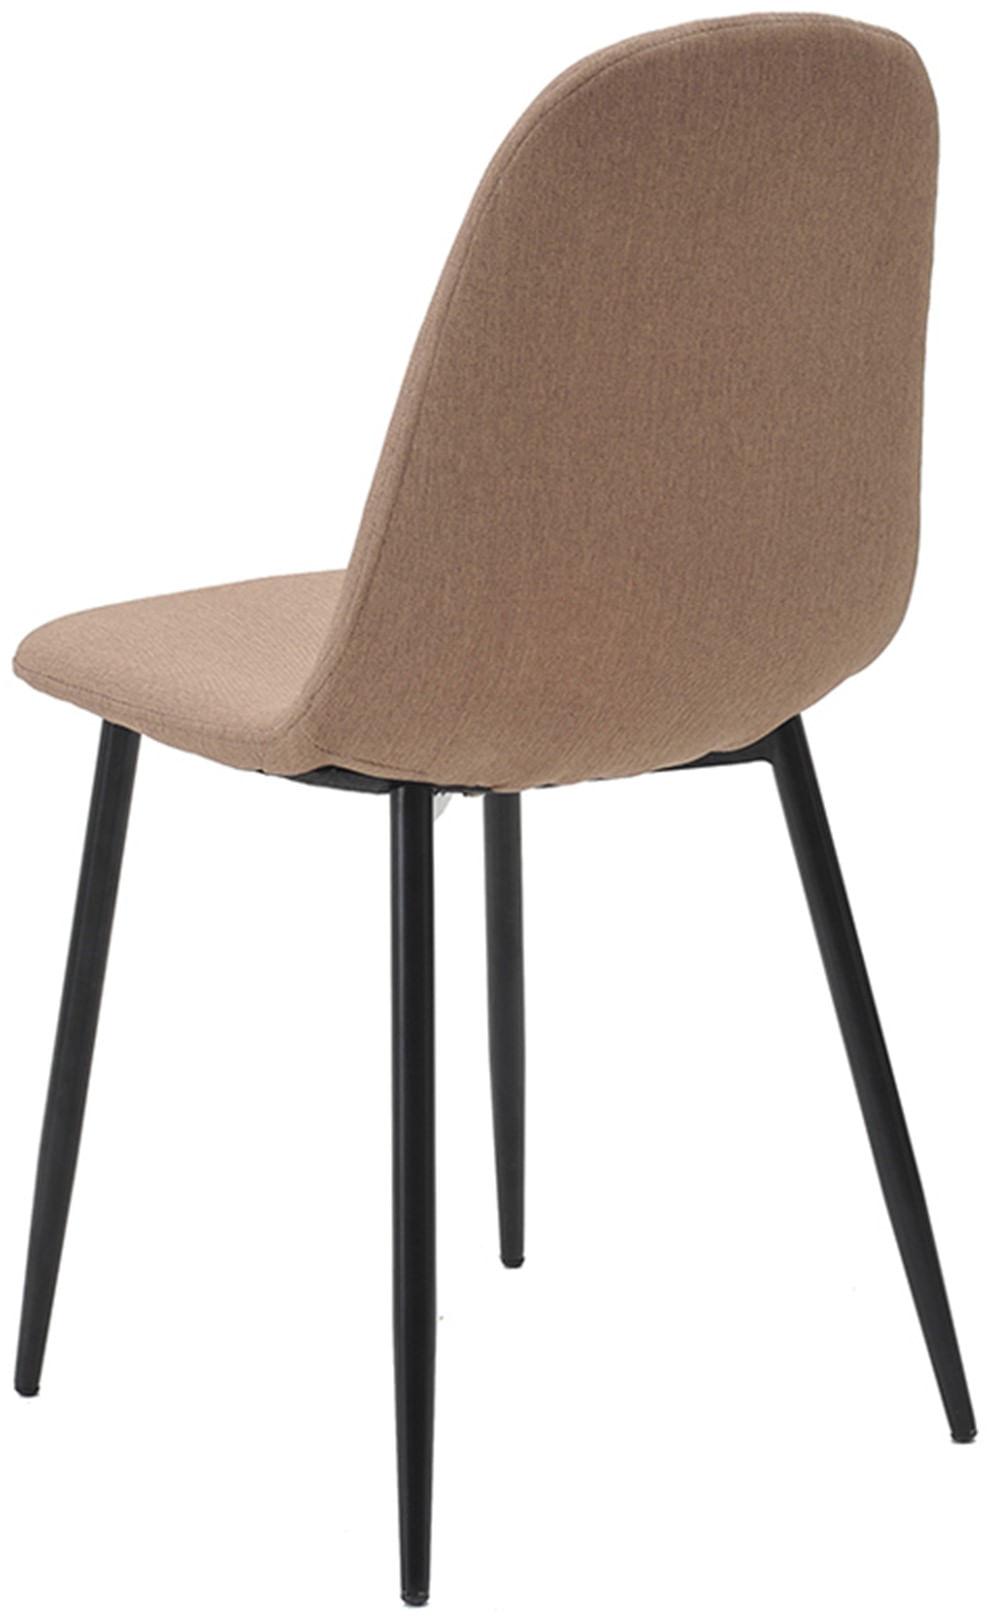 Cadeira Jacob Cor Caqui Pes Palito Metal Preto - 38239